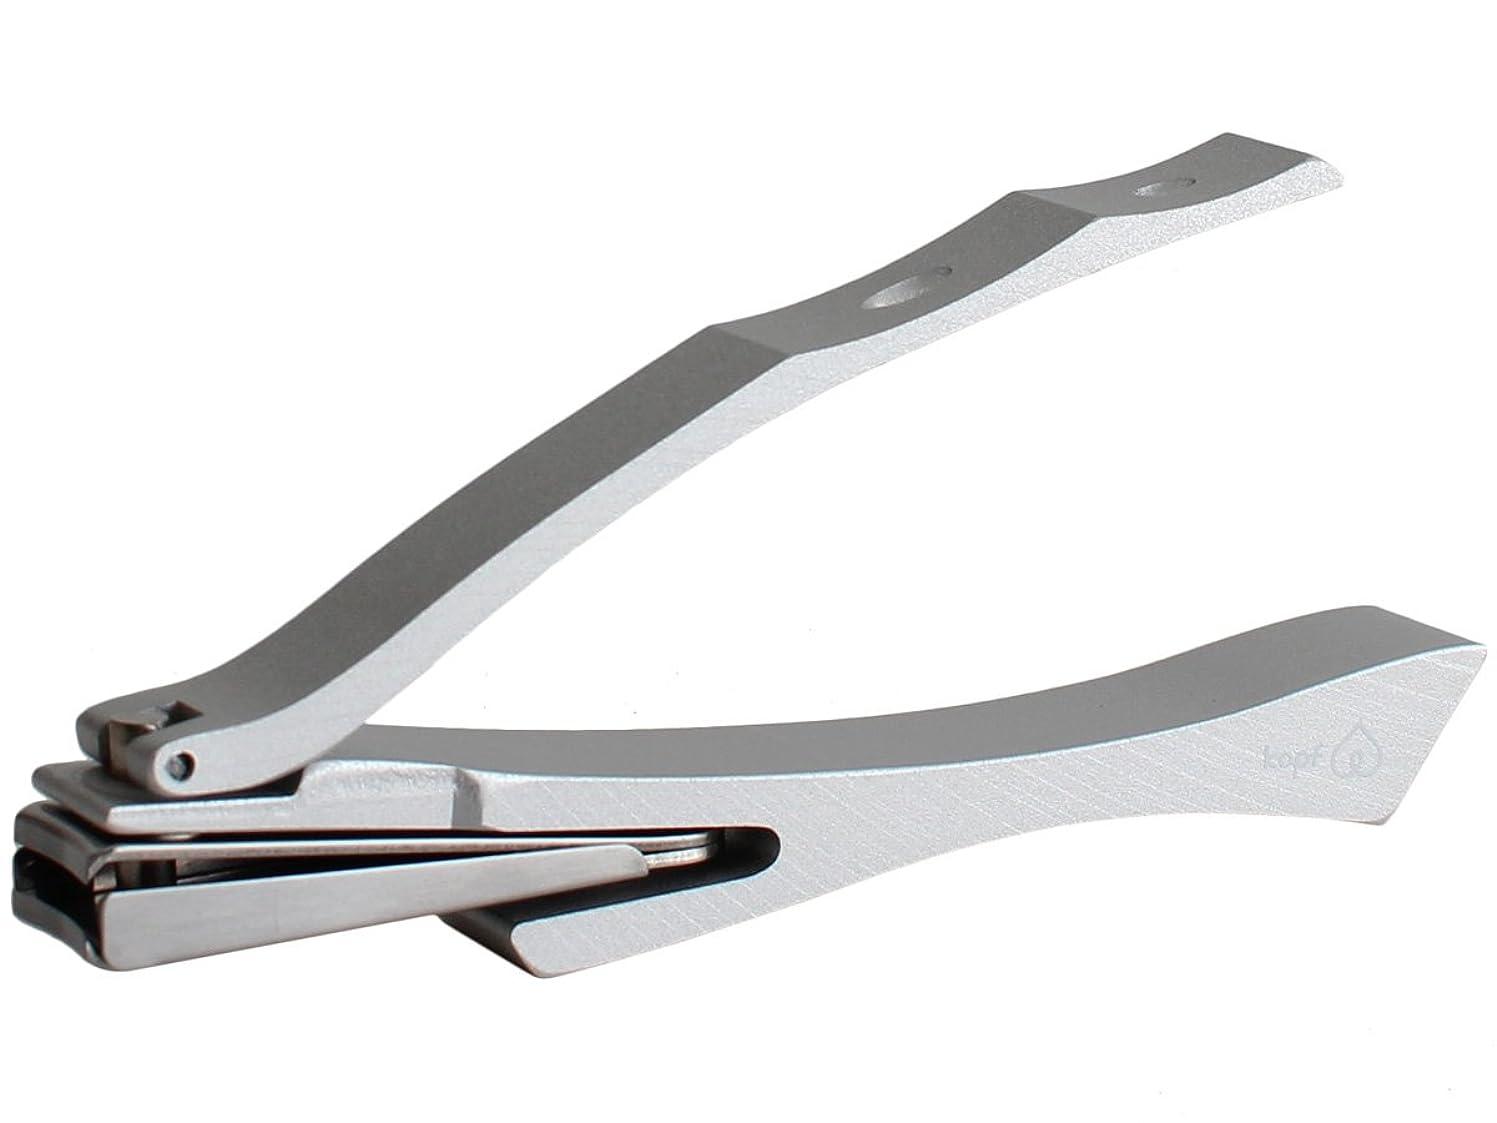 膨張するプロフィール気づかないヨシタ手工業デザイン室 ヨシタシュコウギョウデザインシツ|ツメキリ Griff (回転刃タイプ/爪ヤスリ付き)